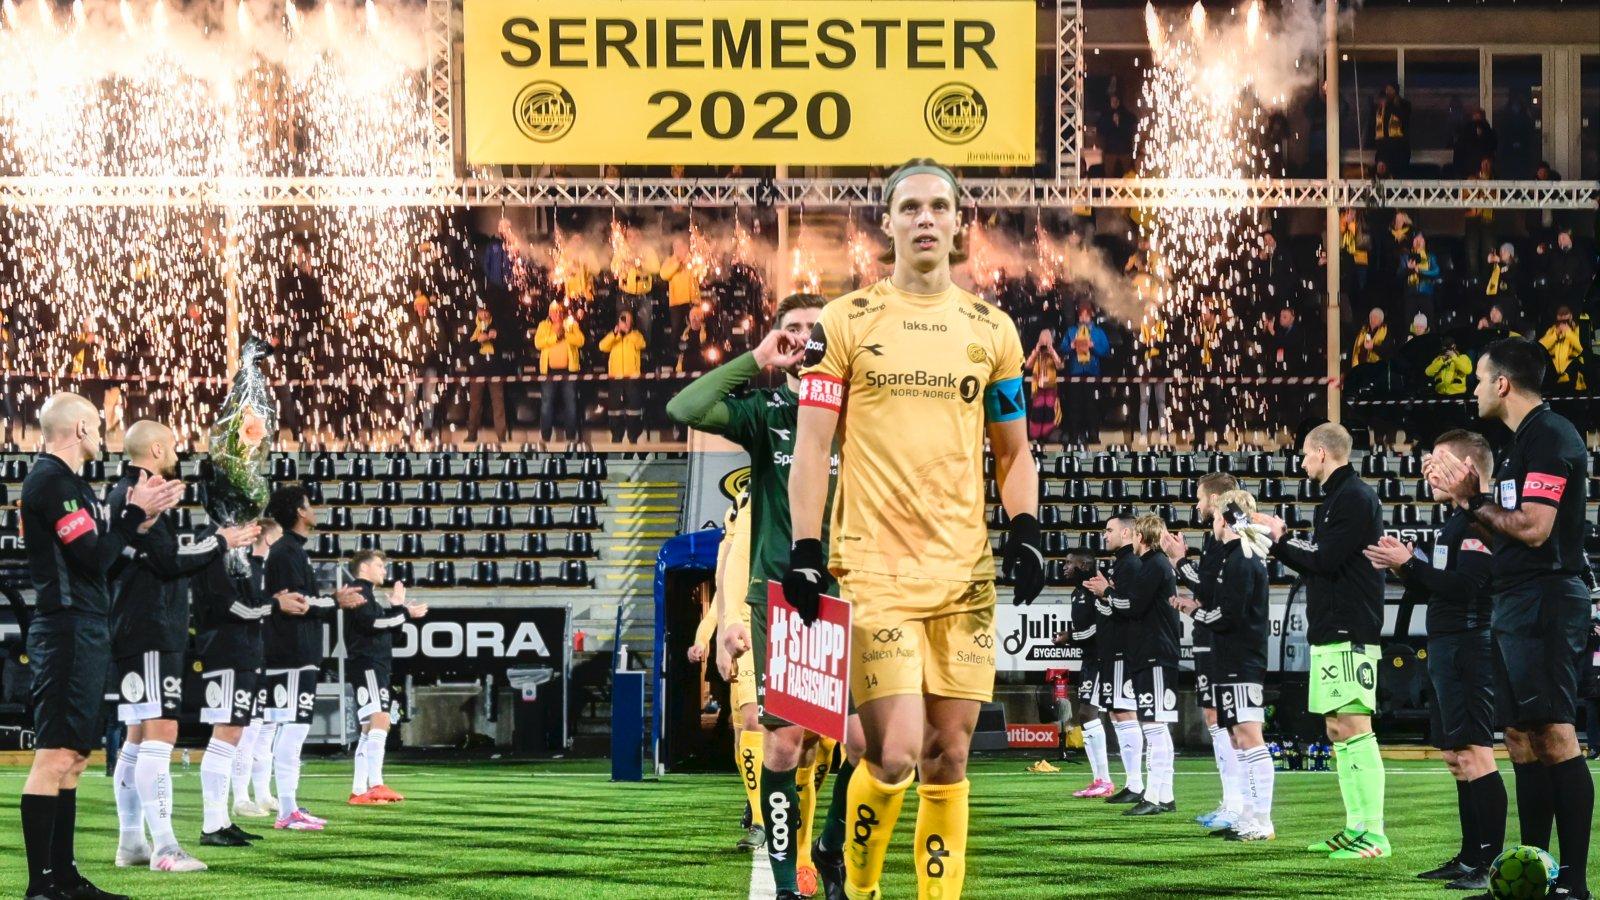 Ulrik Saltnes leder laget inn på banen før kampen mot Rosenborg på Aspmyra i 2020. Rosenborgspillerne har stilt seg opp som æresvakt for den suverene seriemesteren